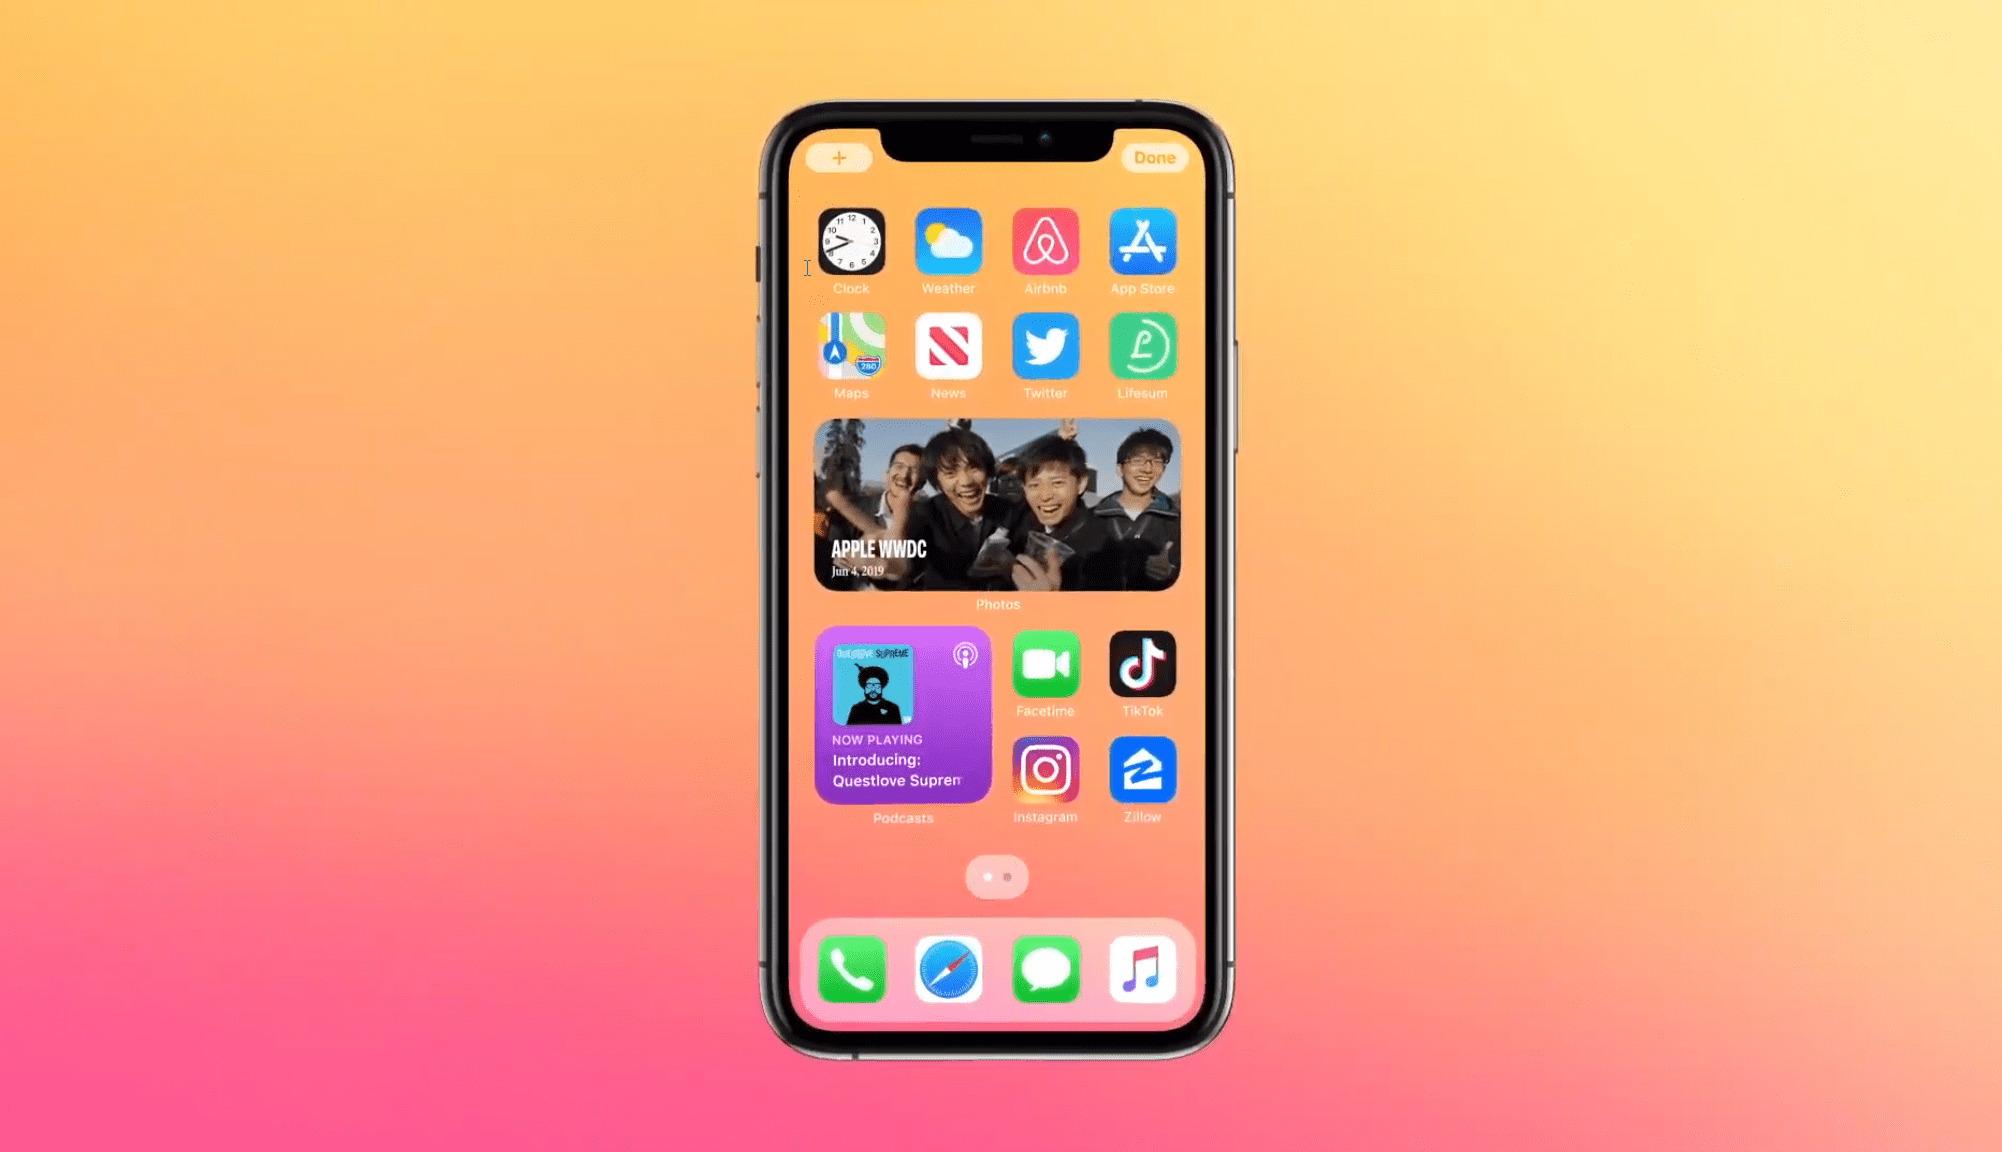 apple présente iOS 14 lors de la conférence développeurs 2020